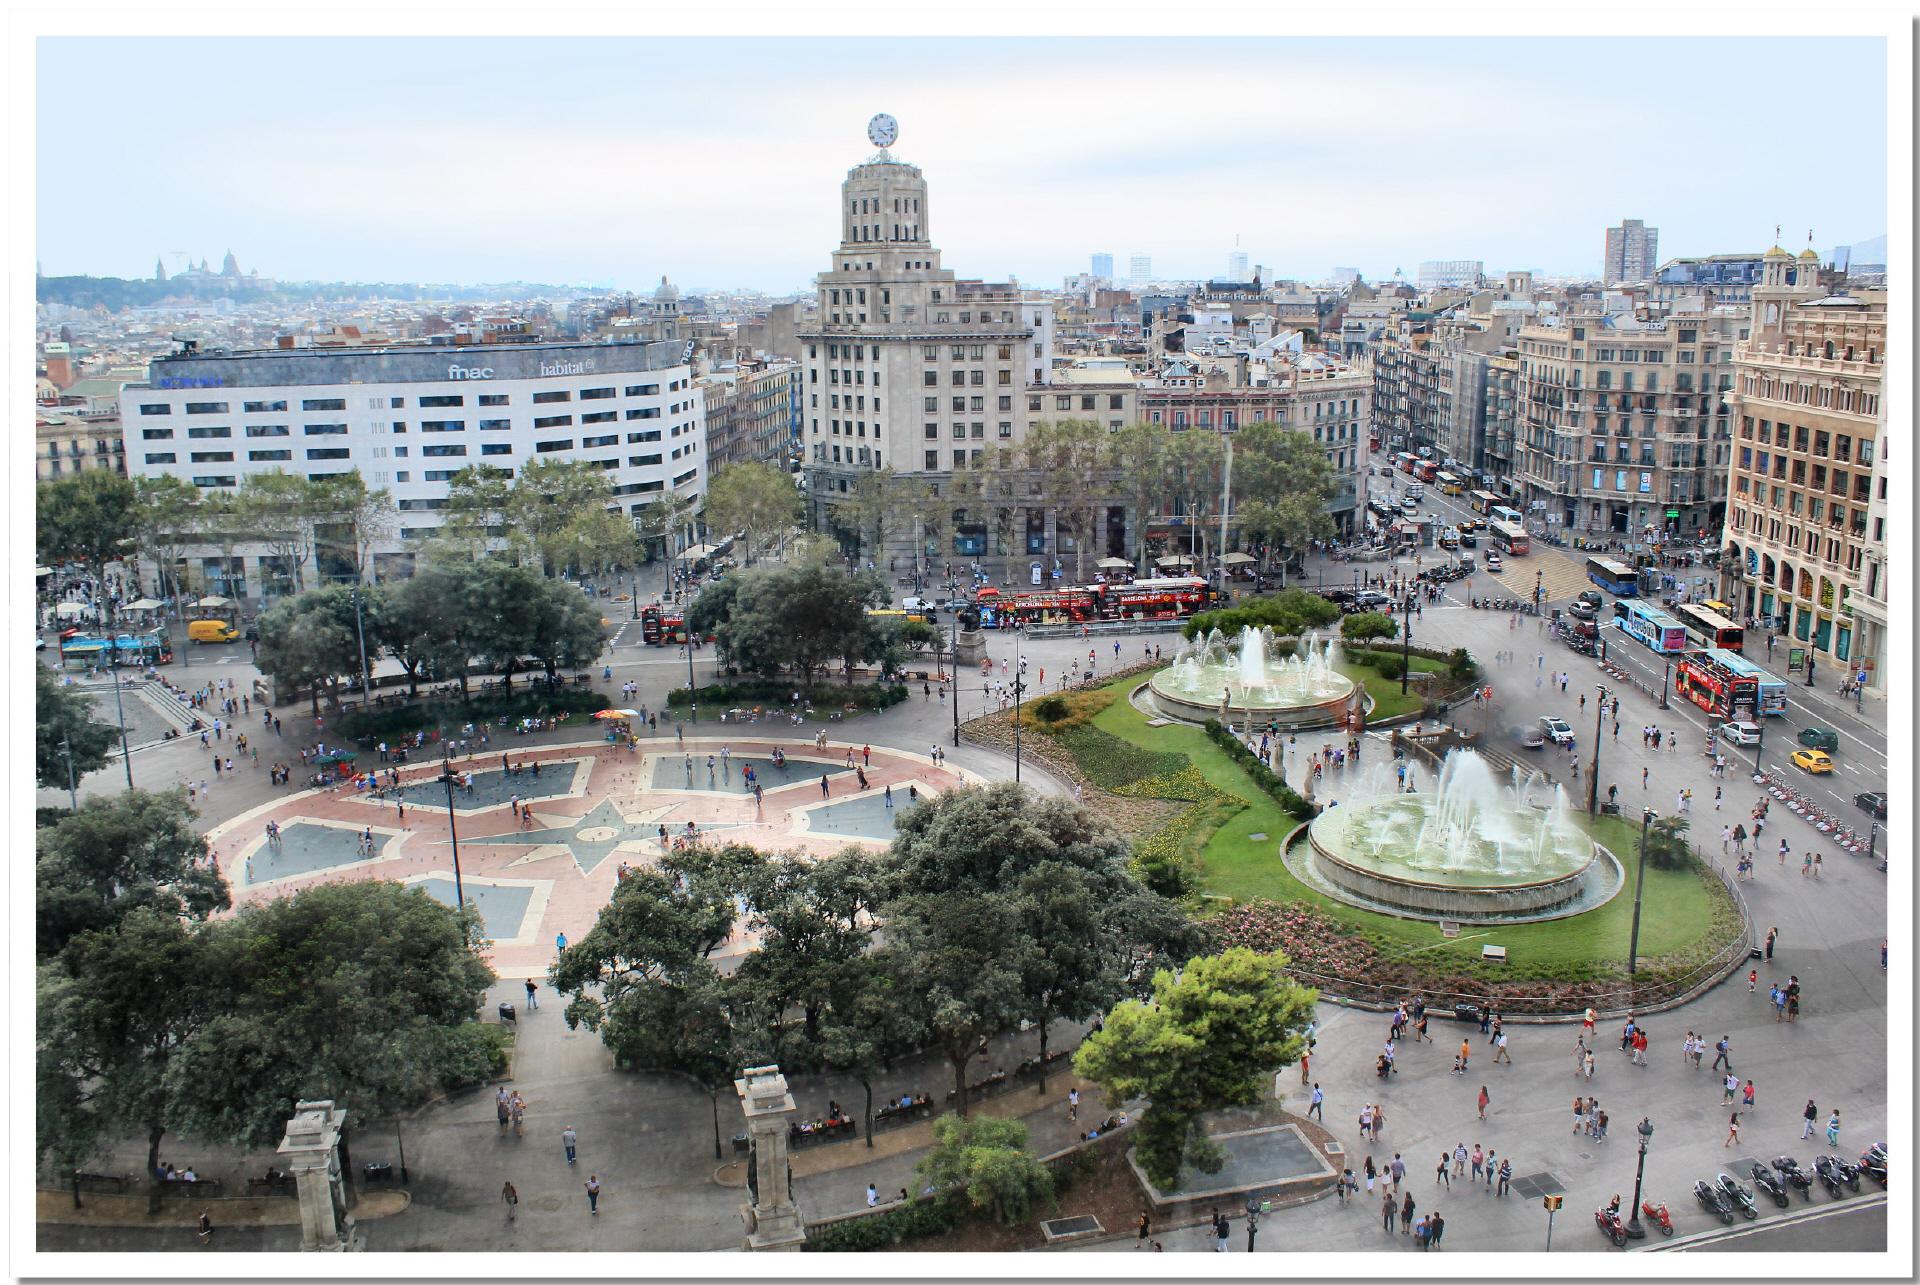 Blick ber den plaza de catalunya vom kaufhaus el corte - El corte ingles plaza cataluna barcelona ...